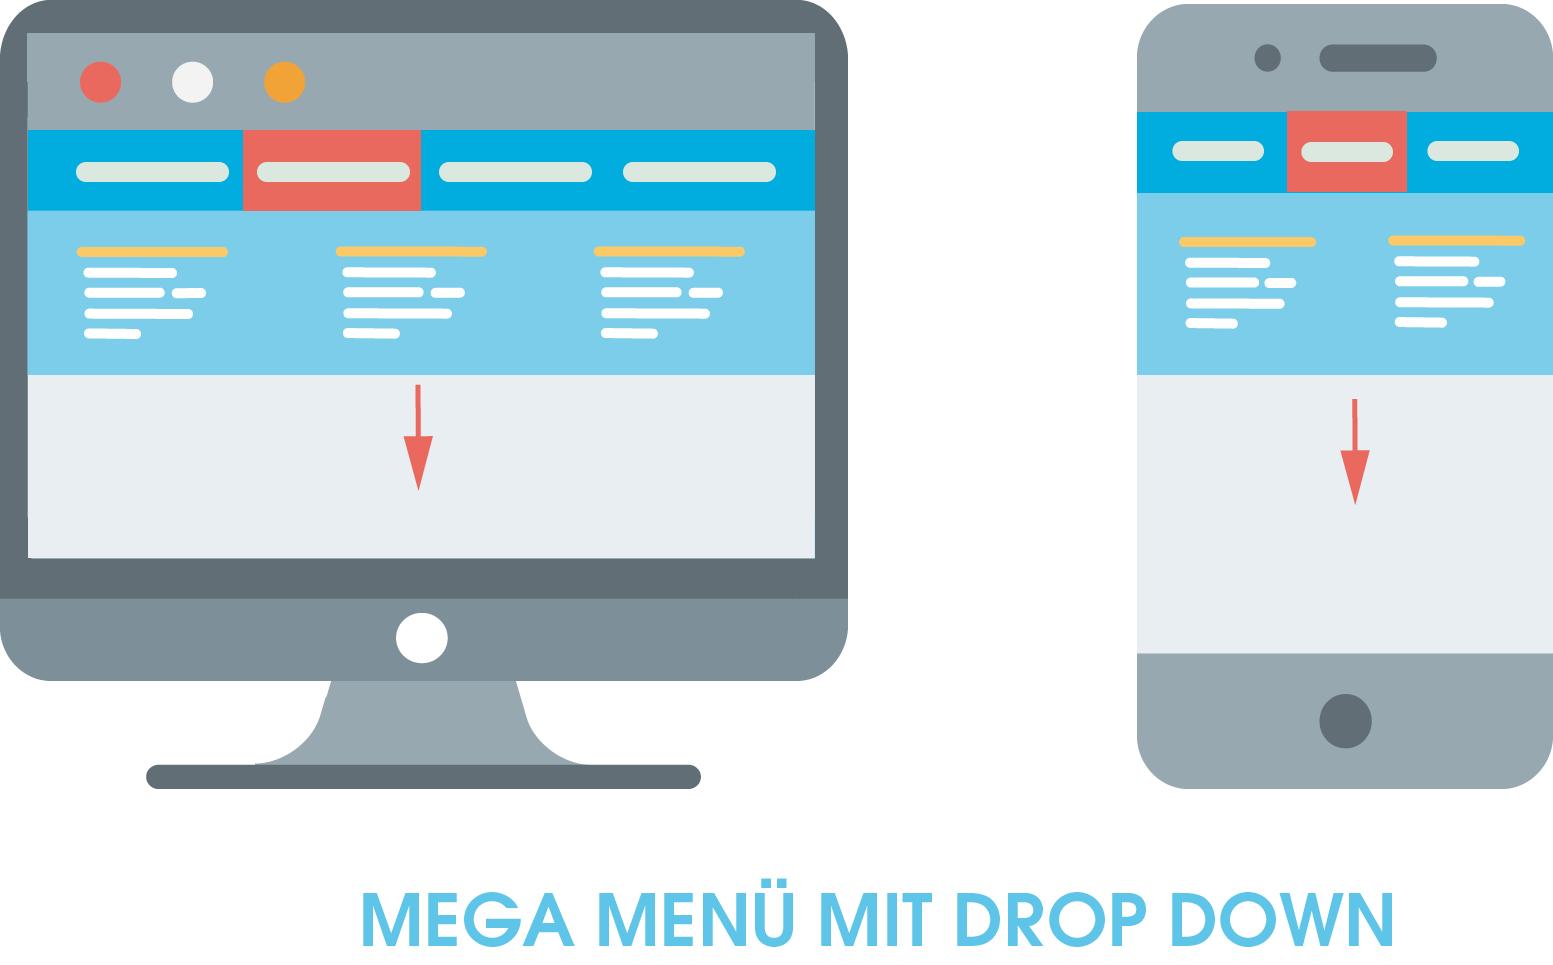 """Darstellung eines Mega Menüs mit Drop Down. Hier zu sehen ist ein Mega Menü als eine Möglichkeit eine horizontale Navigation einzusetzen. Die Drop Down-Funktion des Menüs zeigt sich darin, dass ein Teil der Navigation aus dem unsichtbaren Bereich """"unterhalb"""" des vertikalen Menüs herunterfährt, wenn der Nutzer das Menü verwendet."""